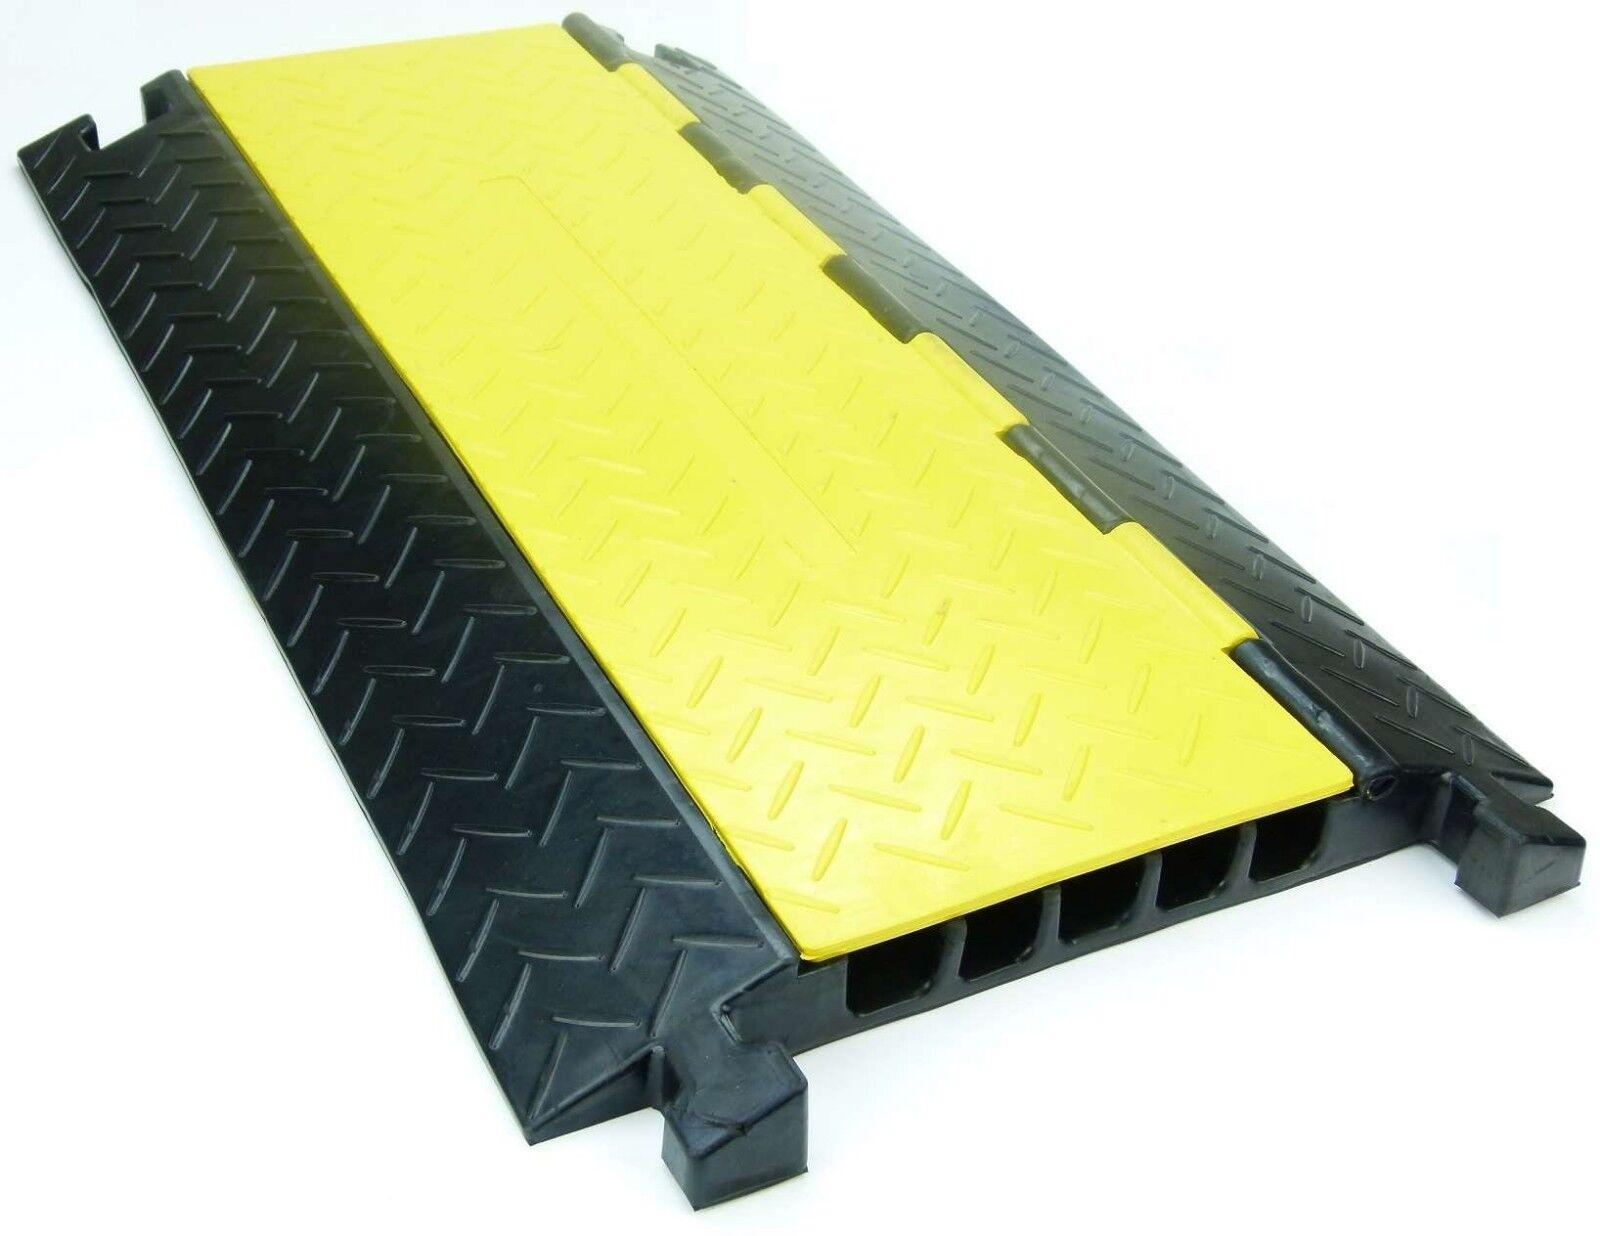 Sonstige Obligatorisch Gummi Endstück Für 1 Kanal Kabelbrücke Cable Board Überfahrschutz Schlauchbrücke Baustellengeräte & -ausrüstung